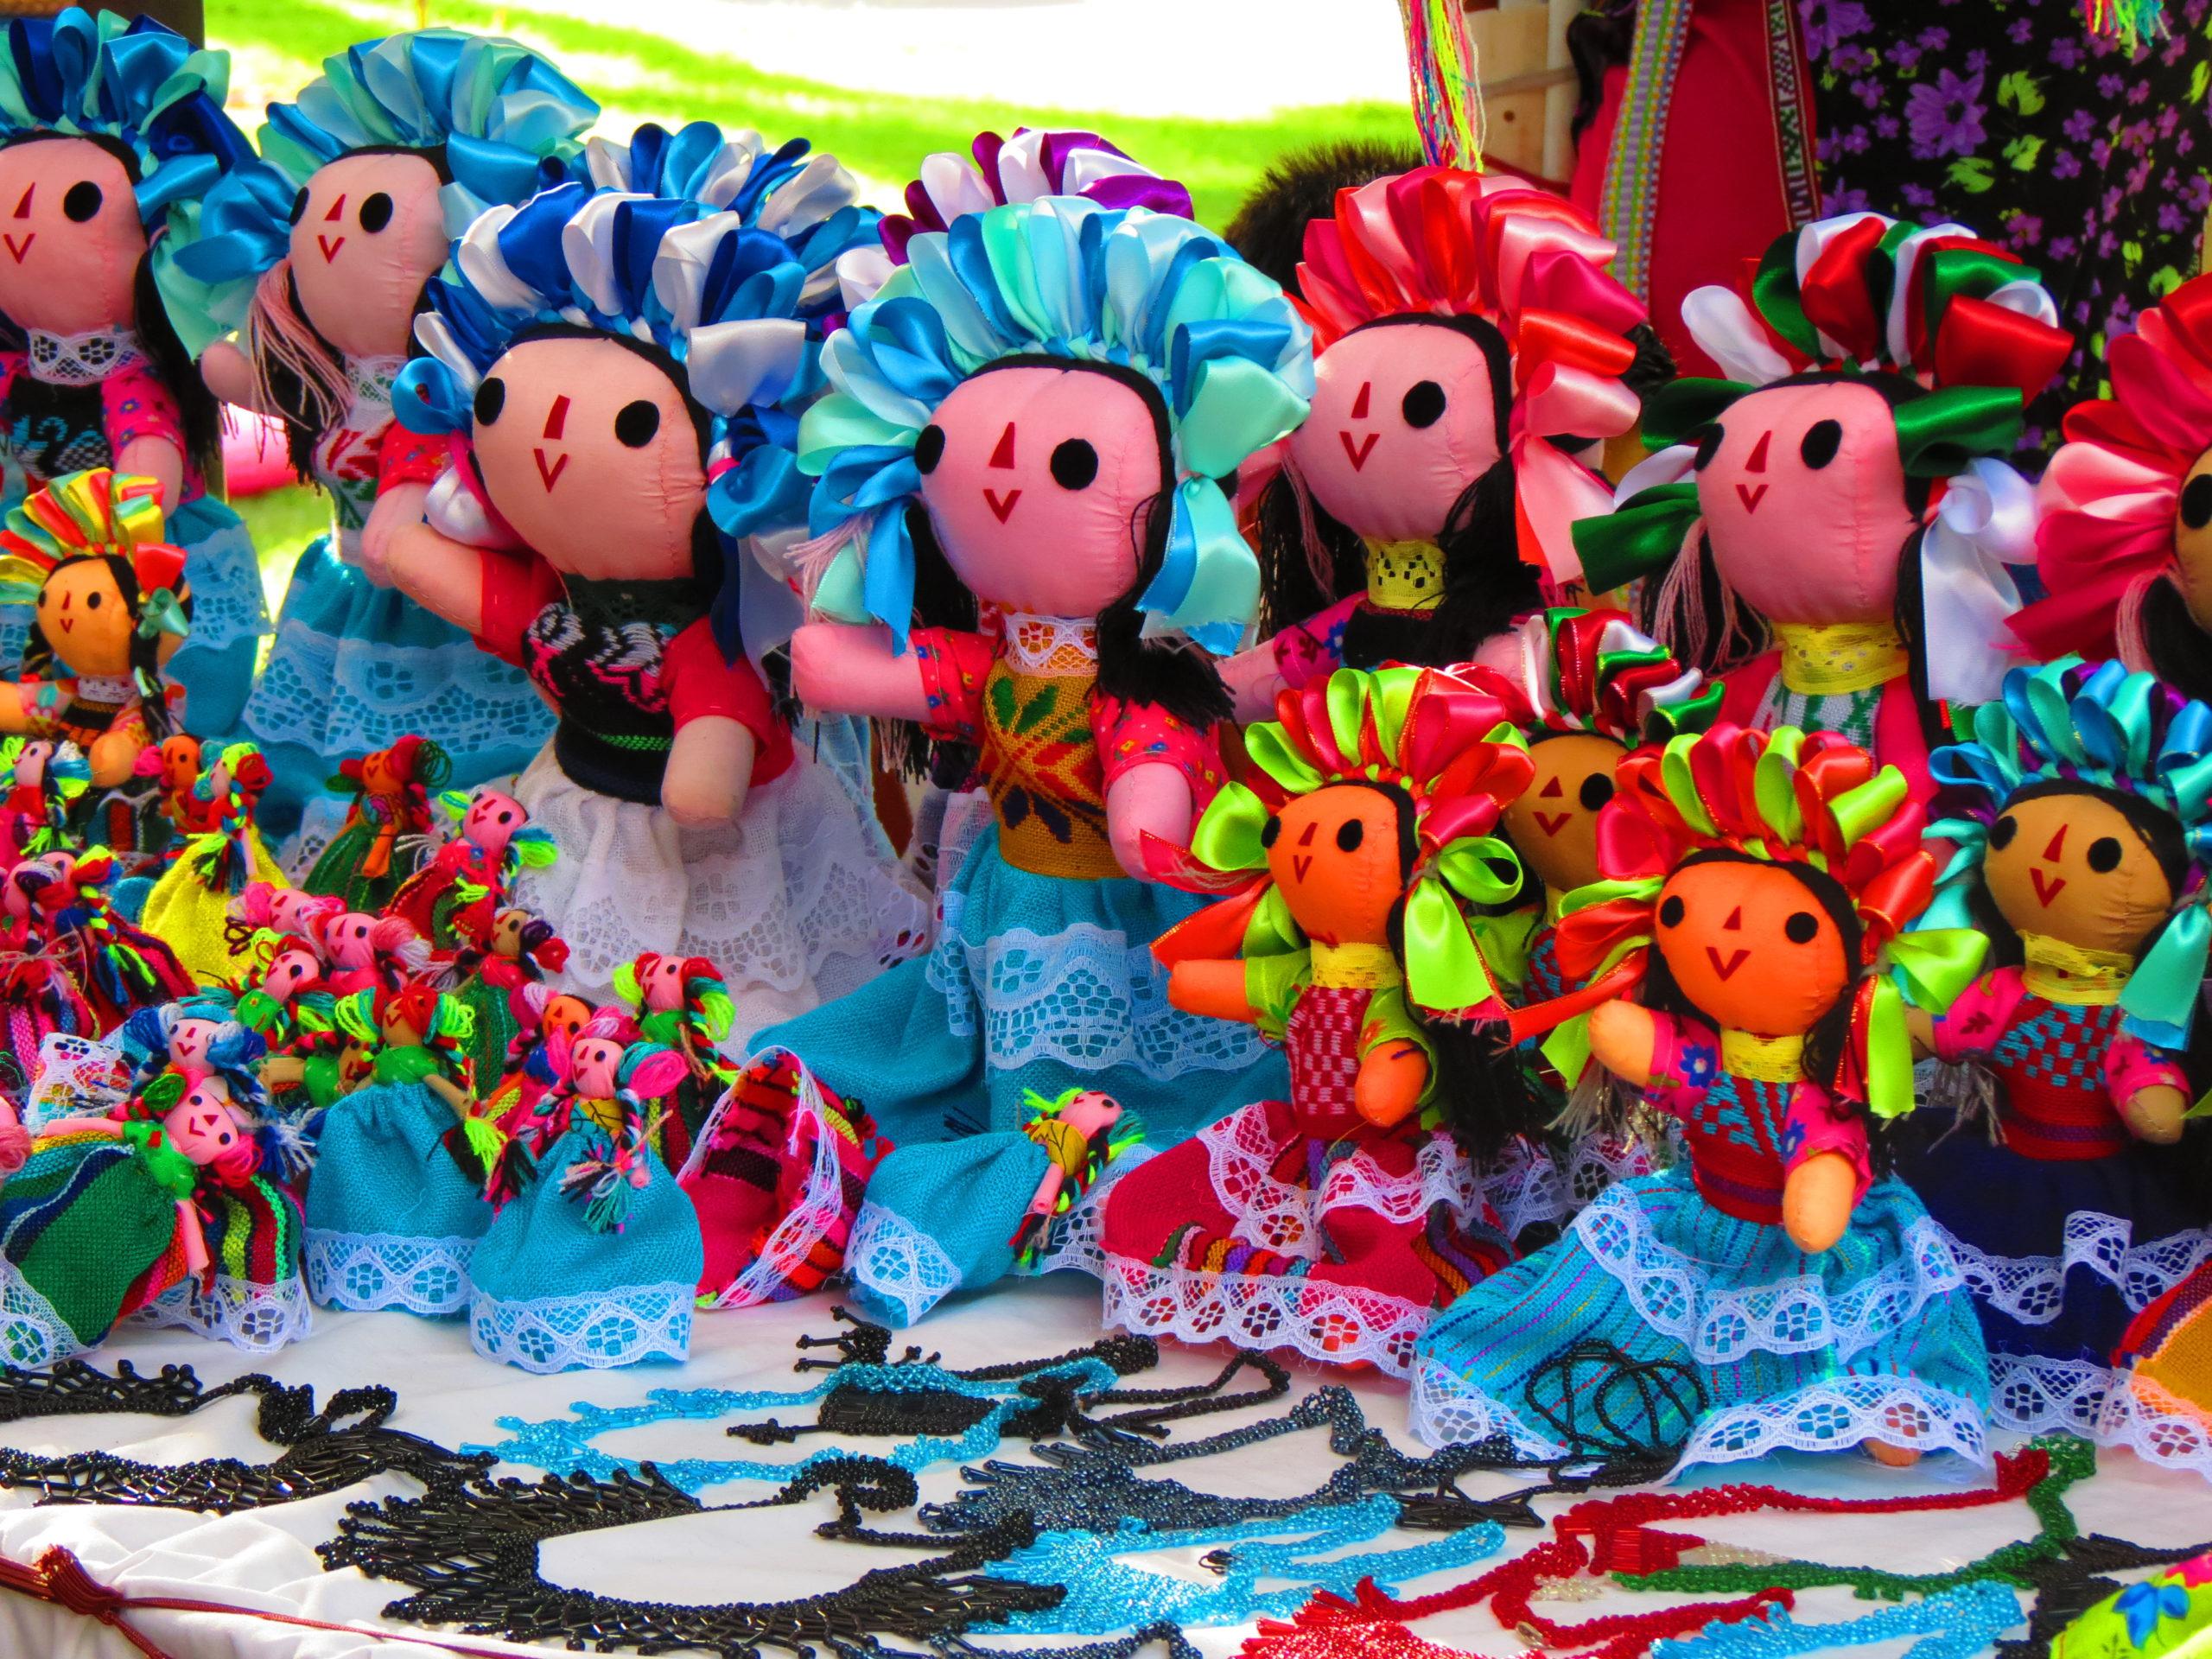 Fabricación de juguetes en México marca su segundo año en descenso